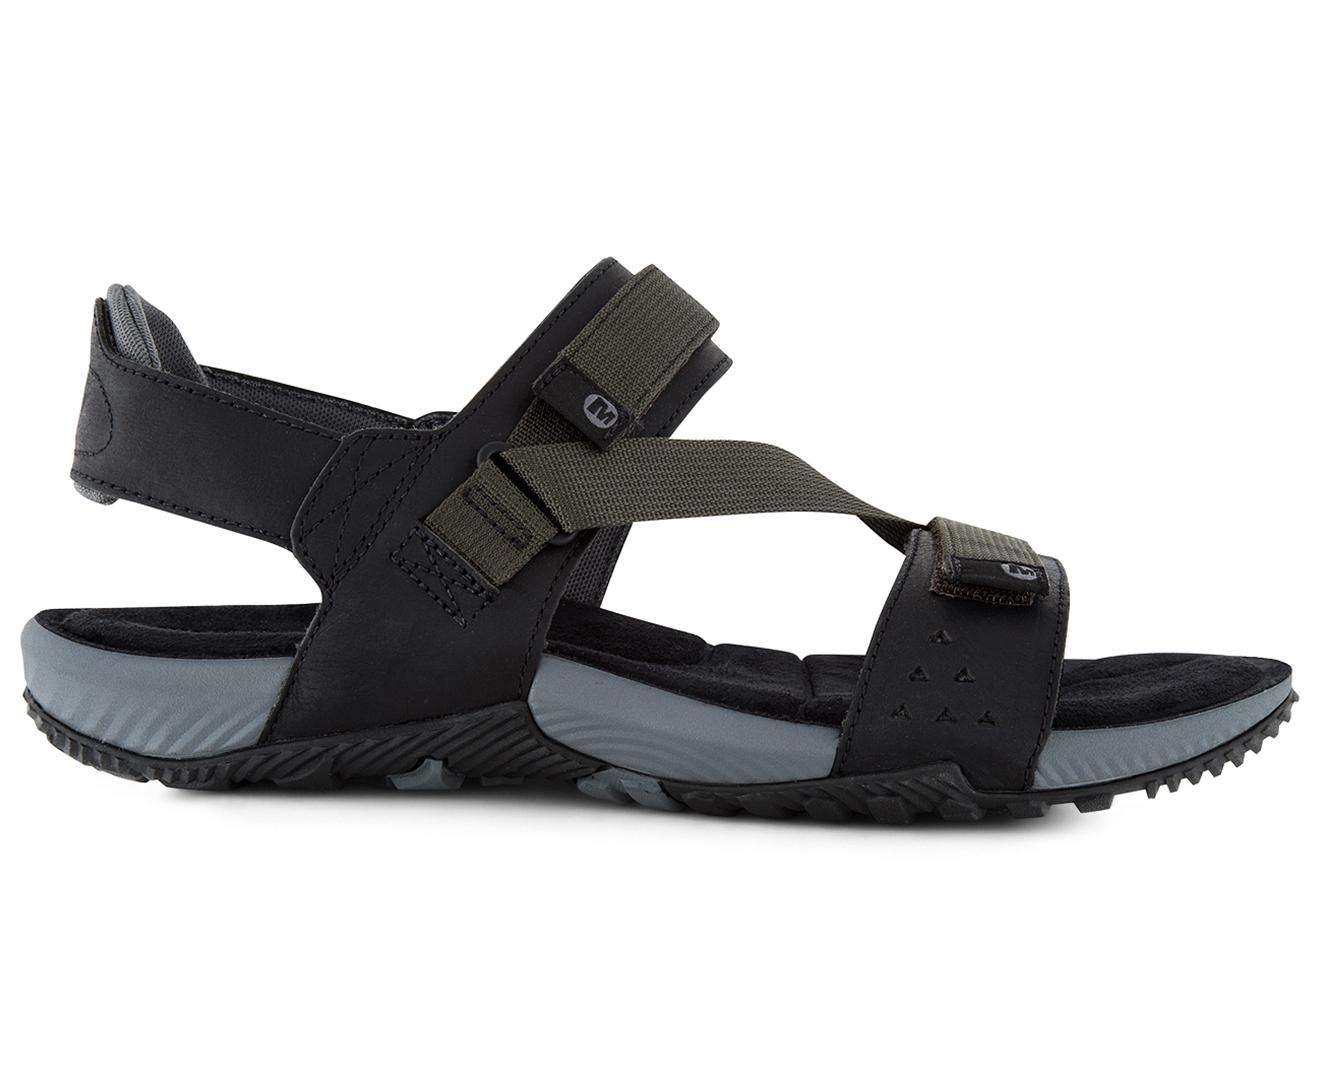 2107e4b9d95c Merrell Men s Terrant Strap Sandal- Black